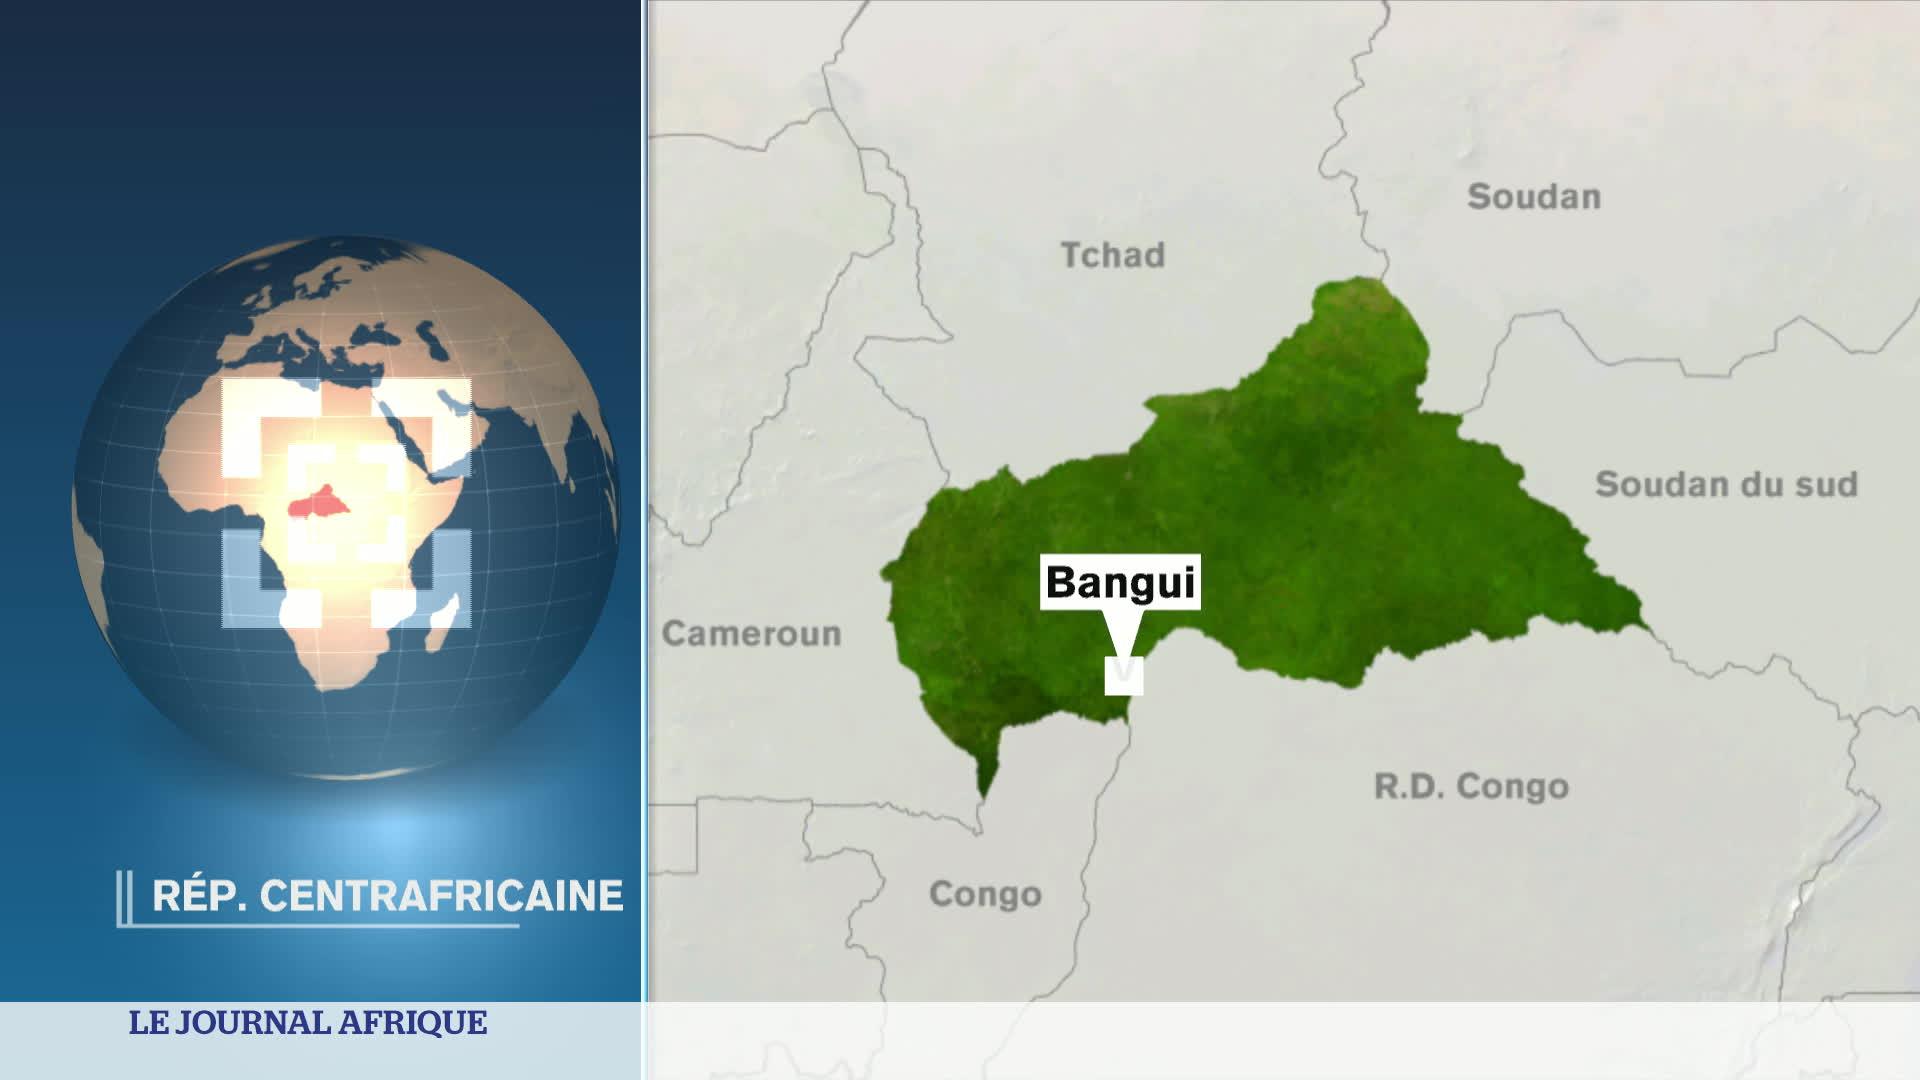 Centrafrique : le viol comme arme de destruction massive